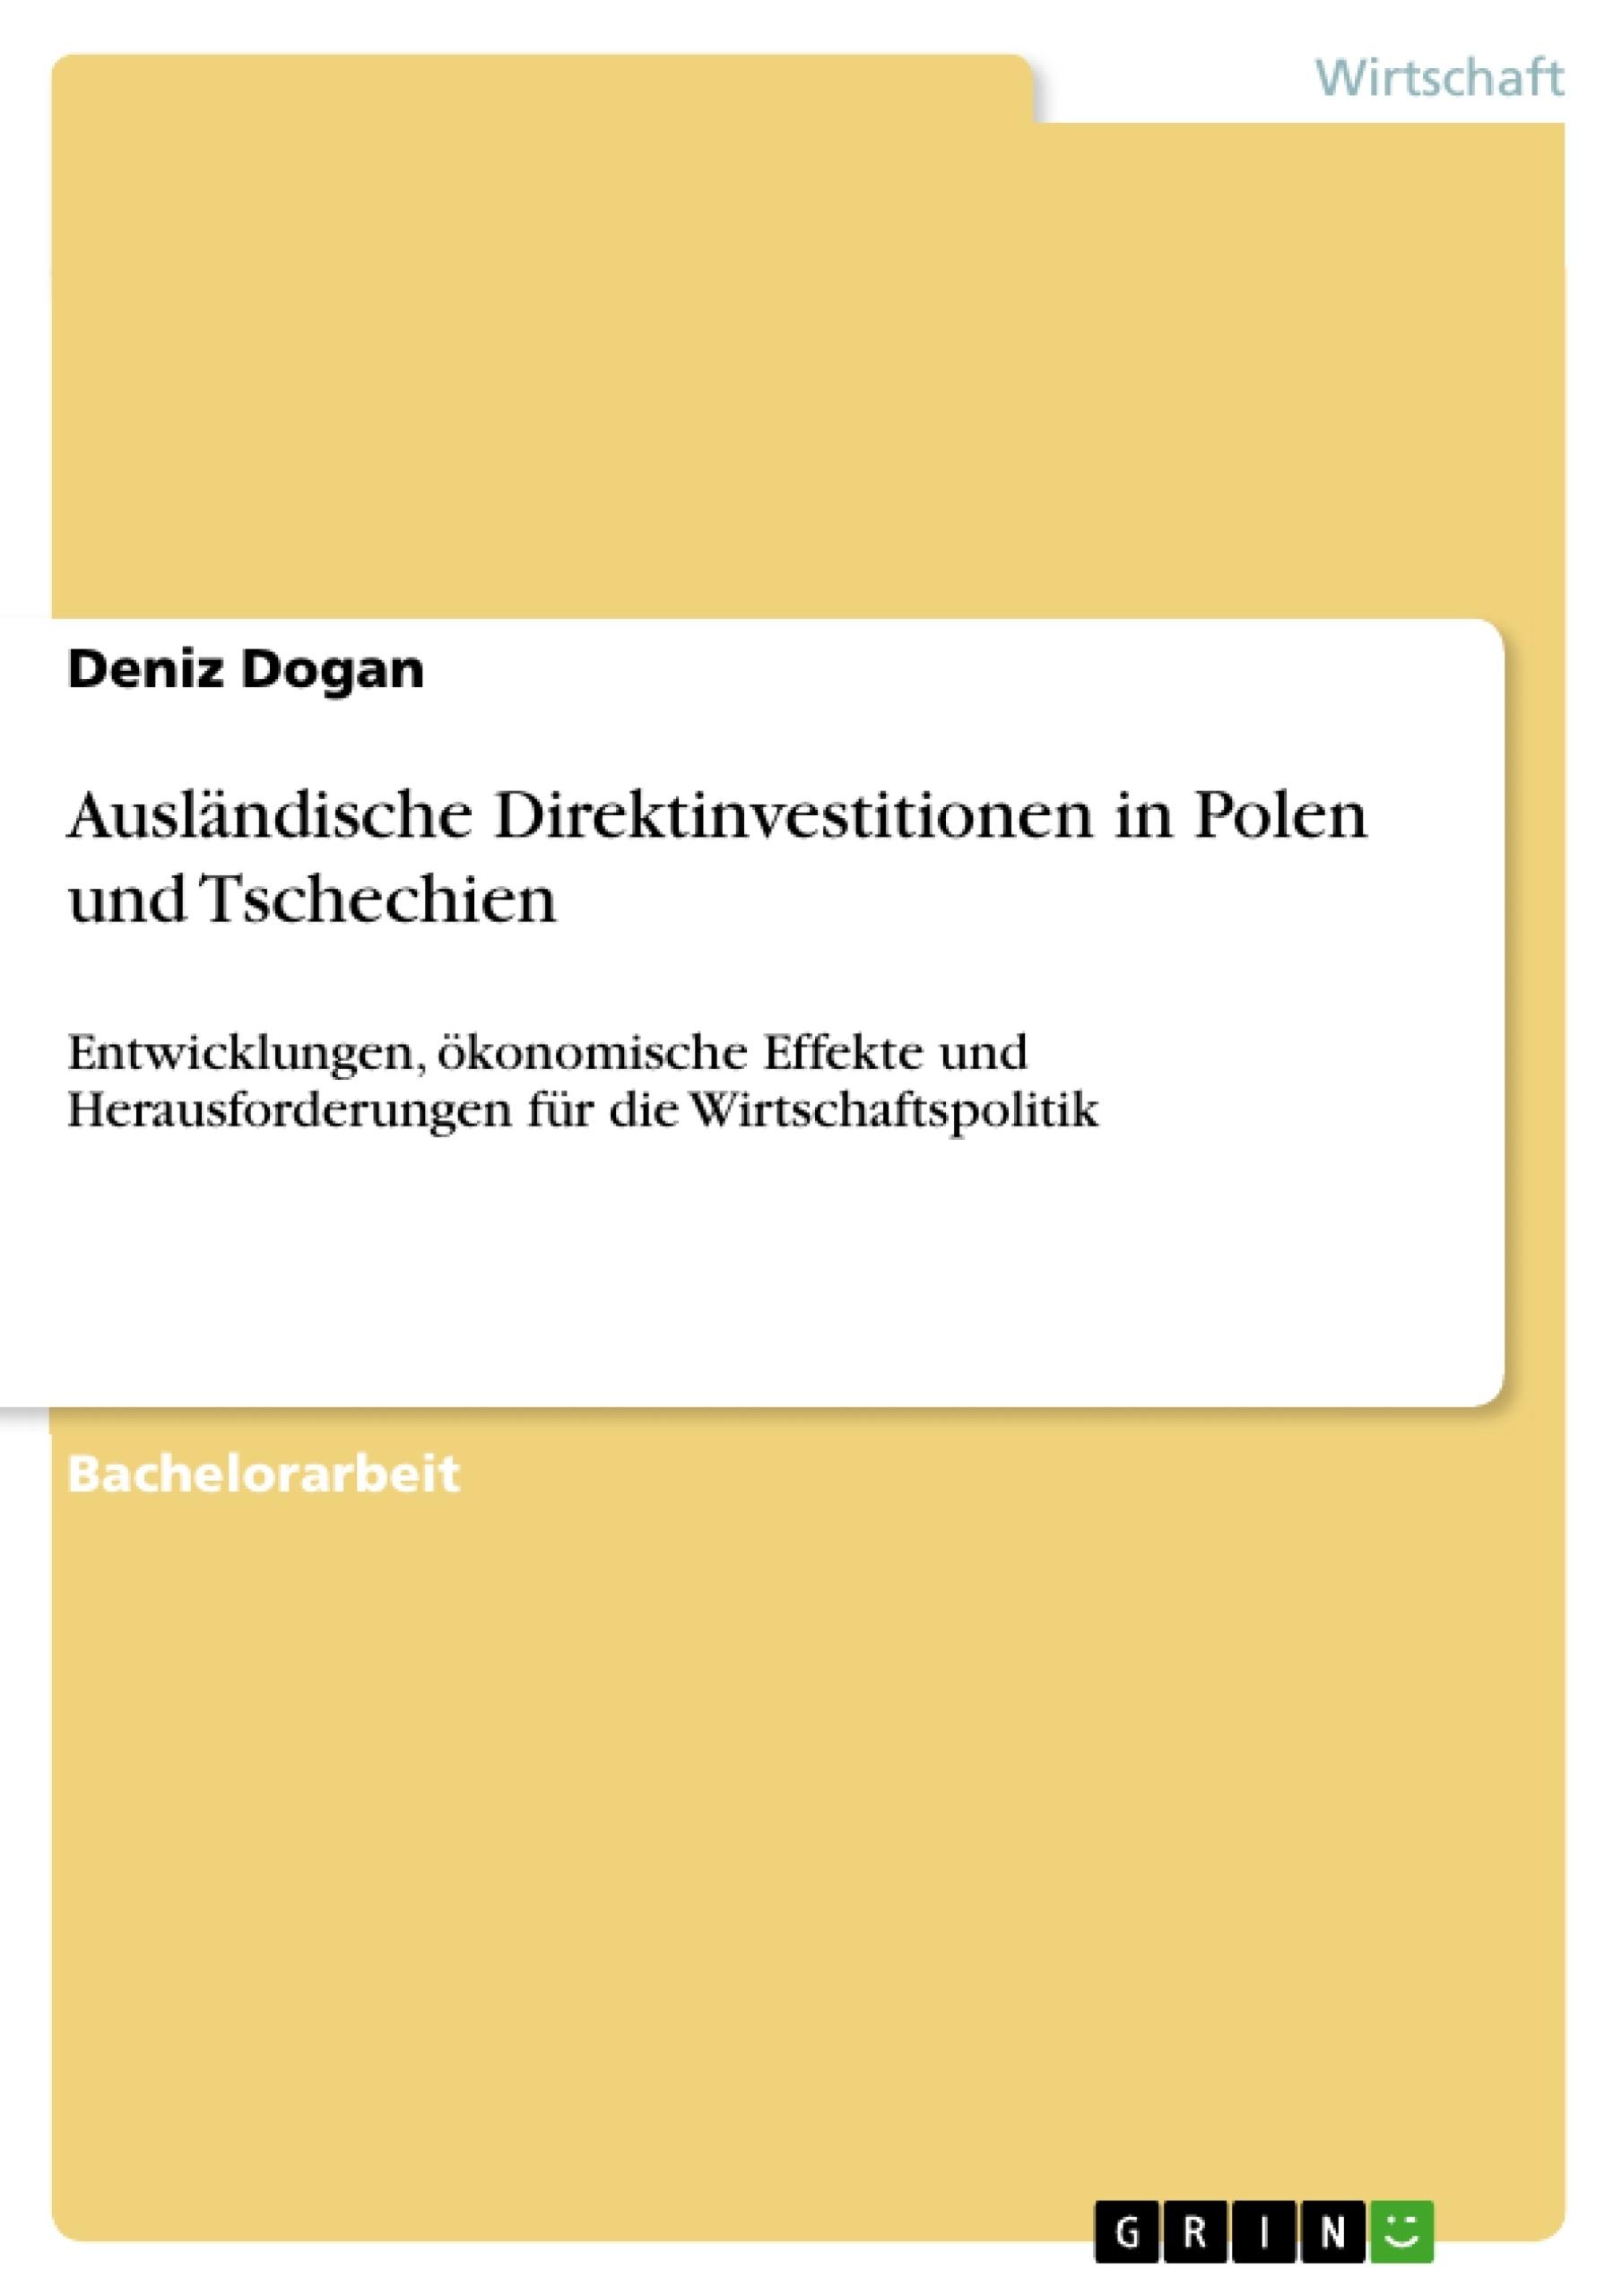 Titel: Ausländische Direktinvestitionen in Polen und Tschechien